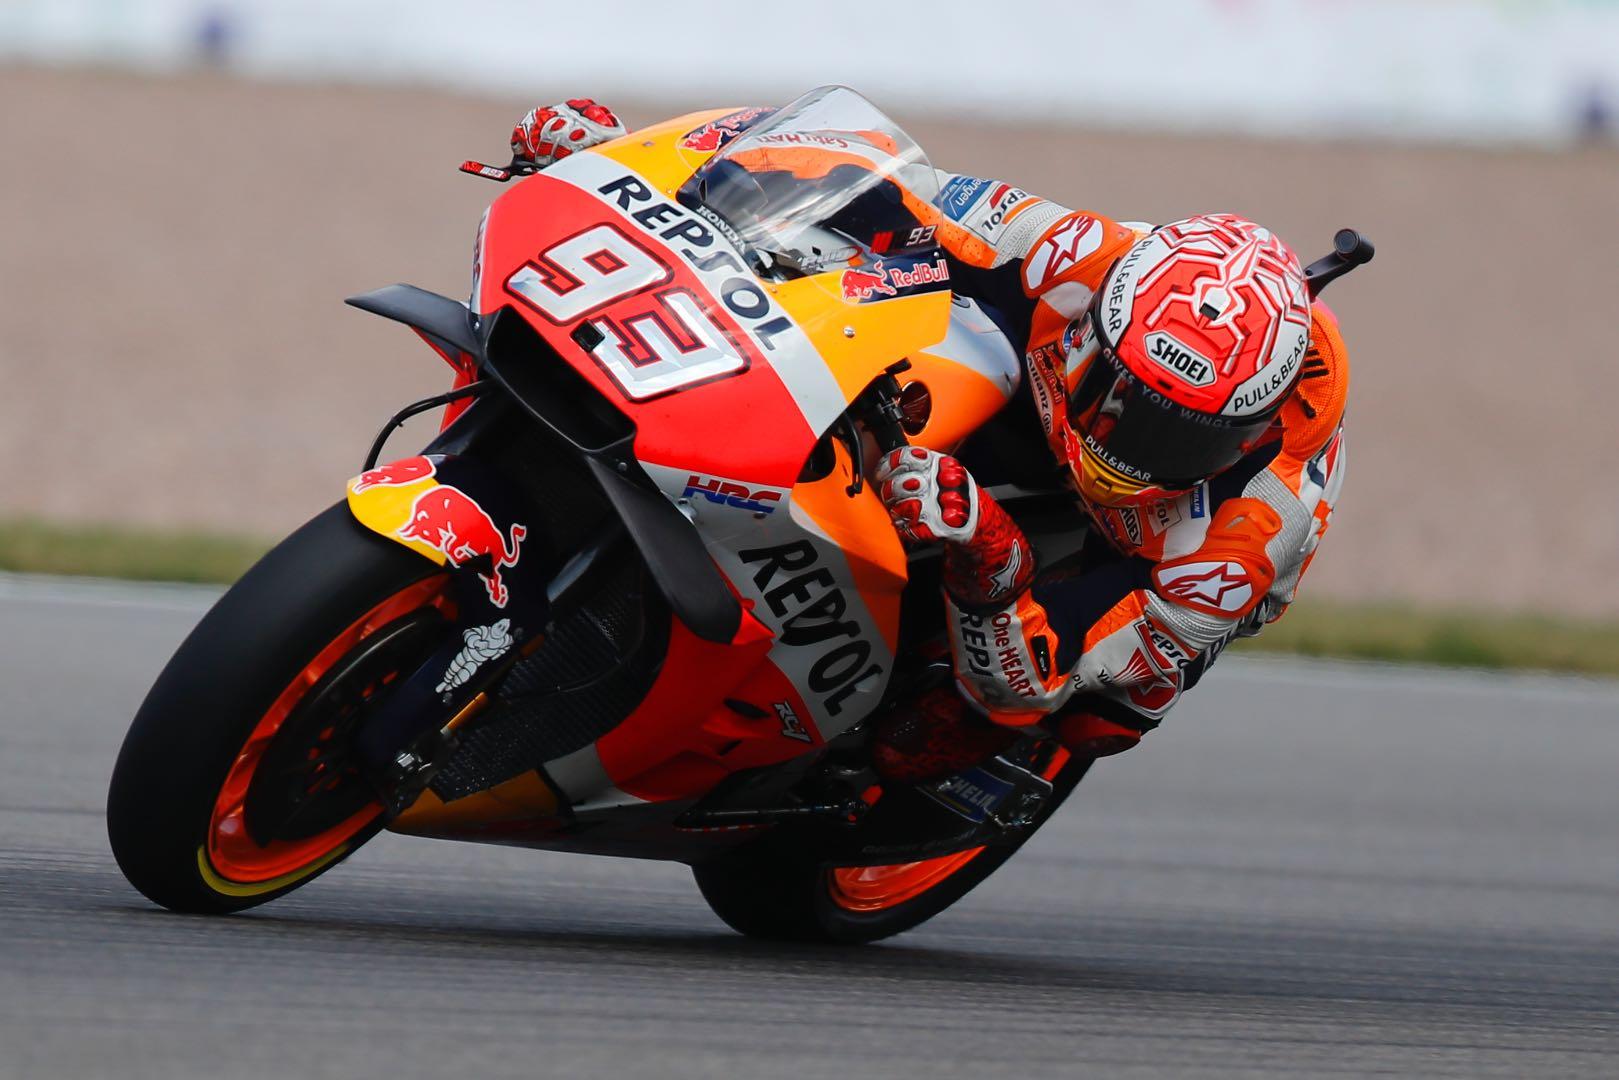 2018 Sachsenring MotoGP Qualifying: Honda Marc Marquez